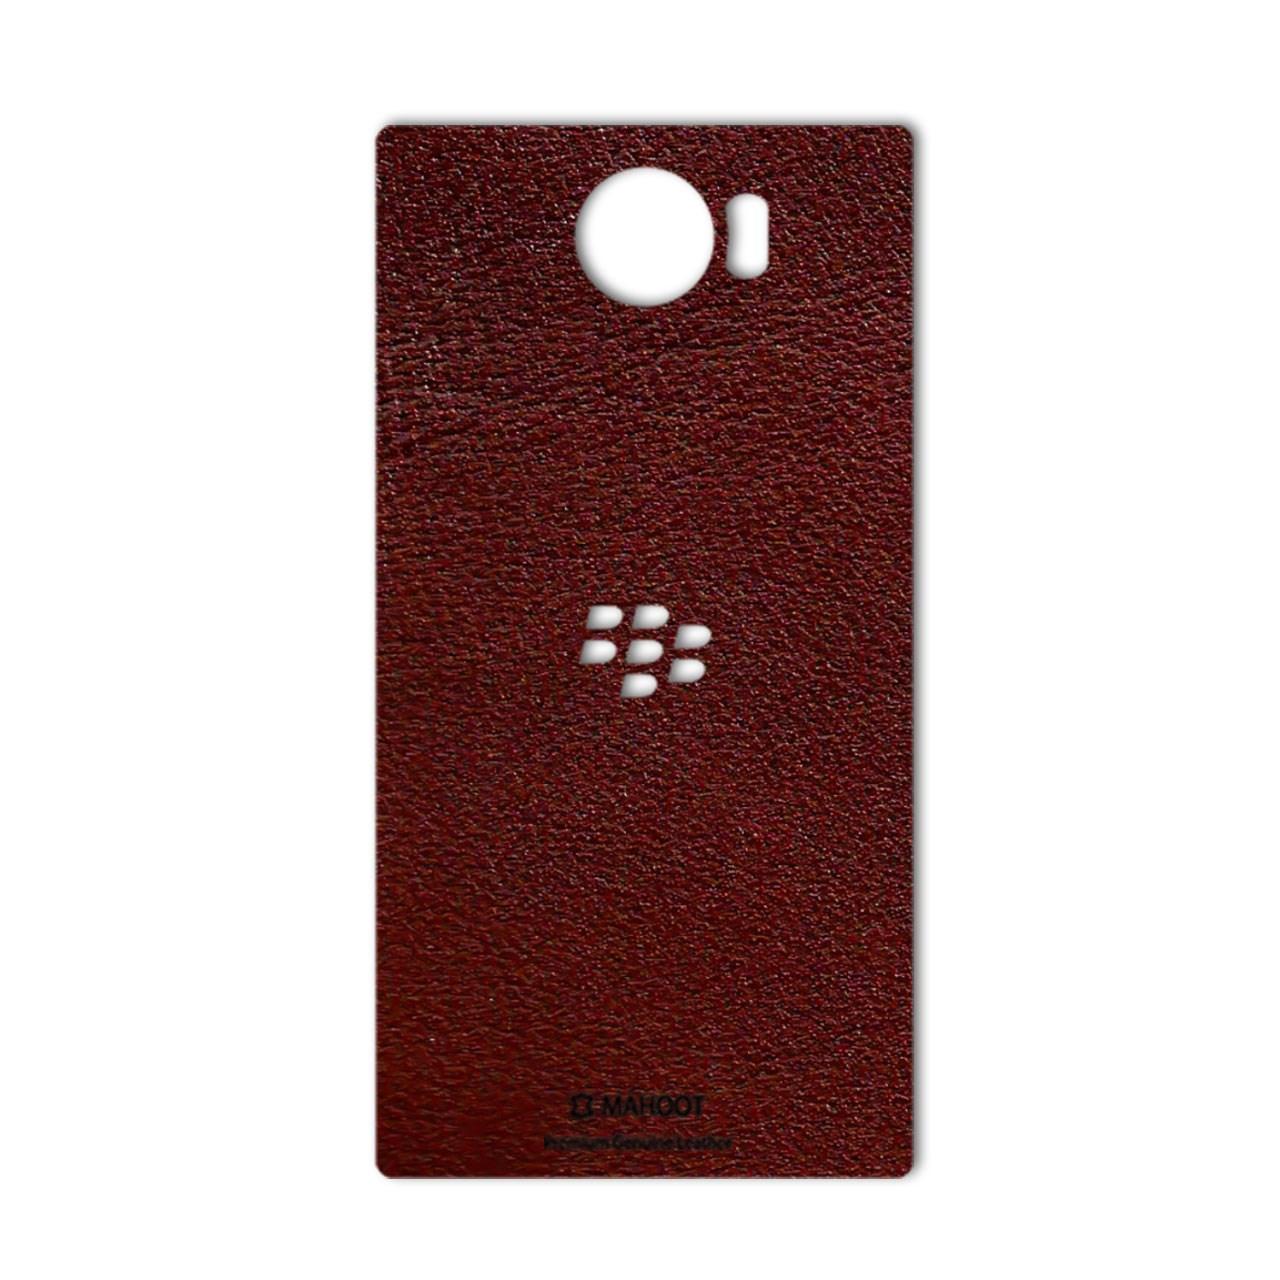 برچسب پوششی ماهوت مدلNatural Leather مناسب برای گوشی  BlackBerry Priv